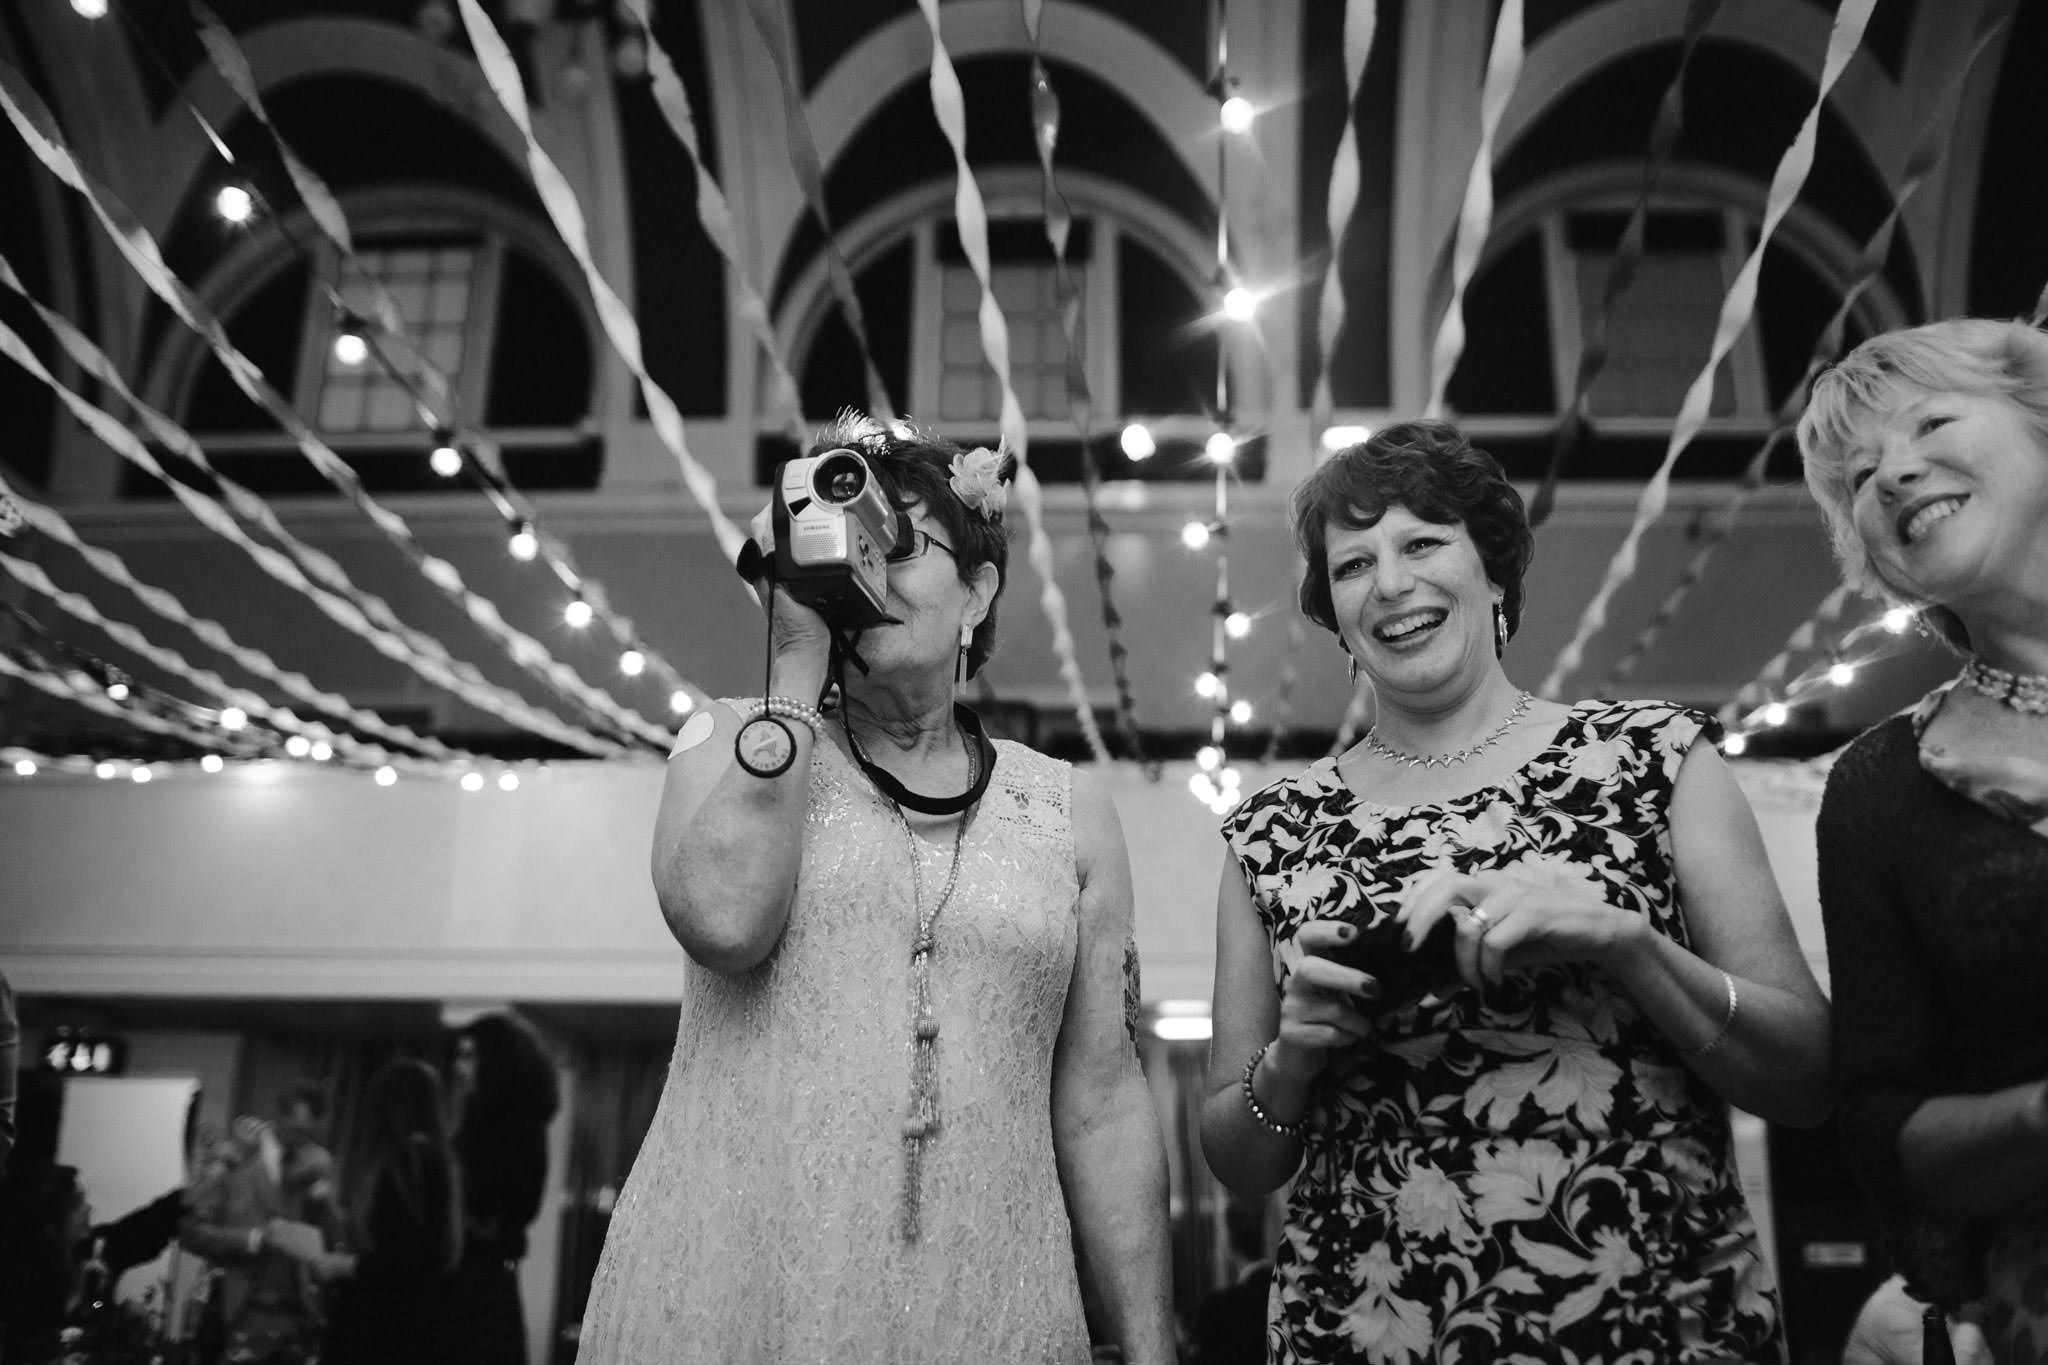 scottish-wedding-photography-150